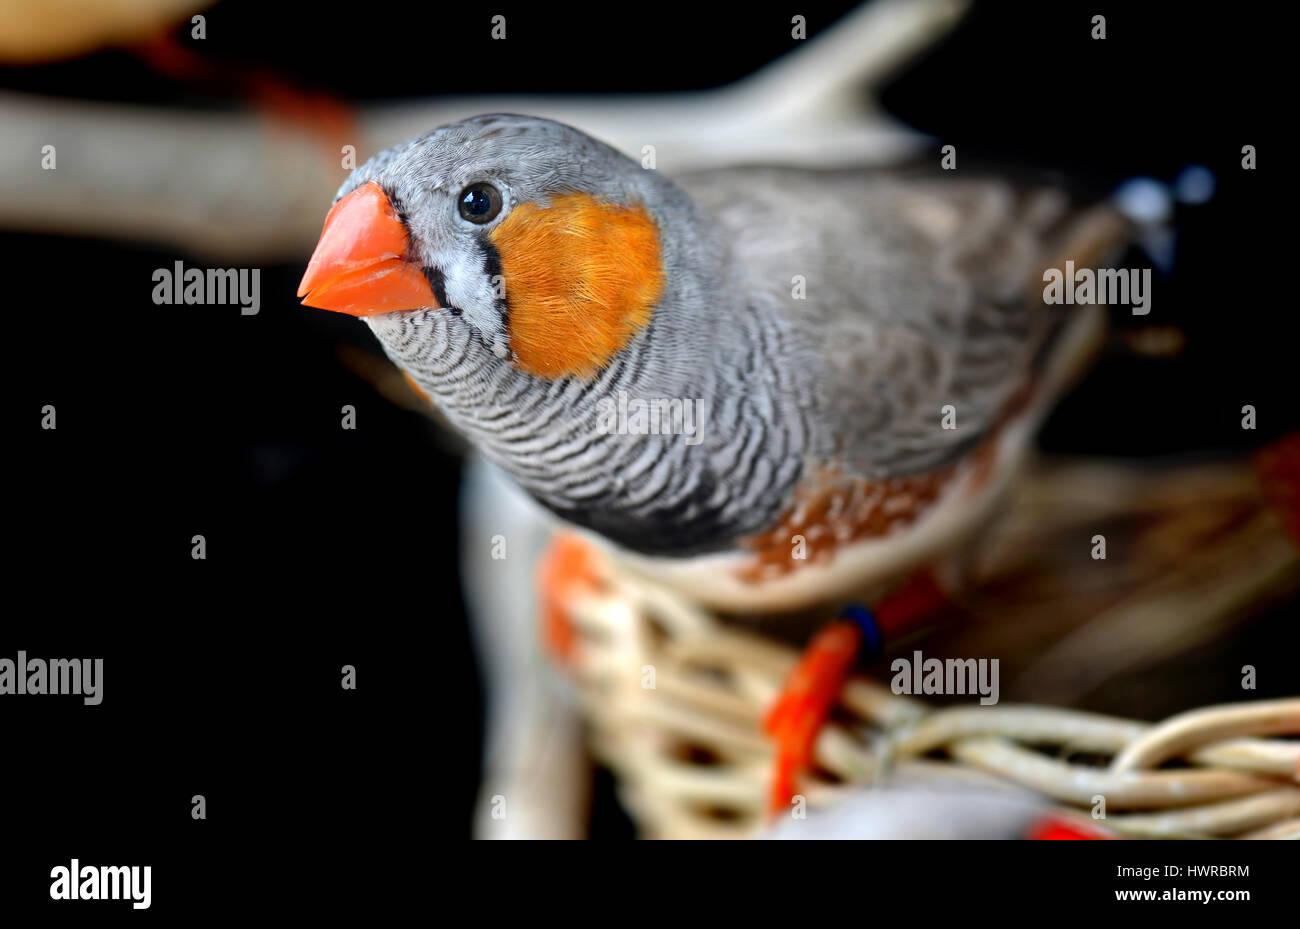 Young Zebra Finch Stockfotos & Young Zebra Finch Bilder - Alamy